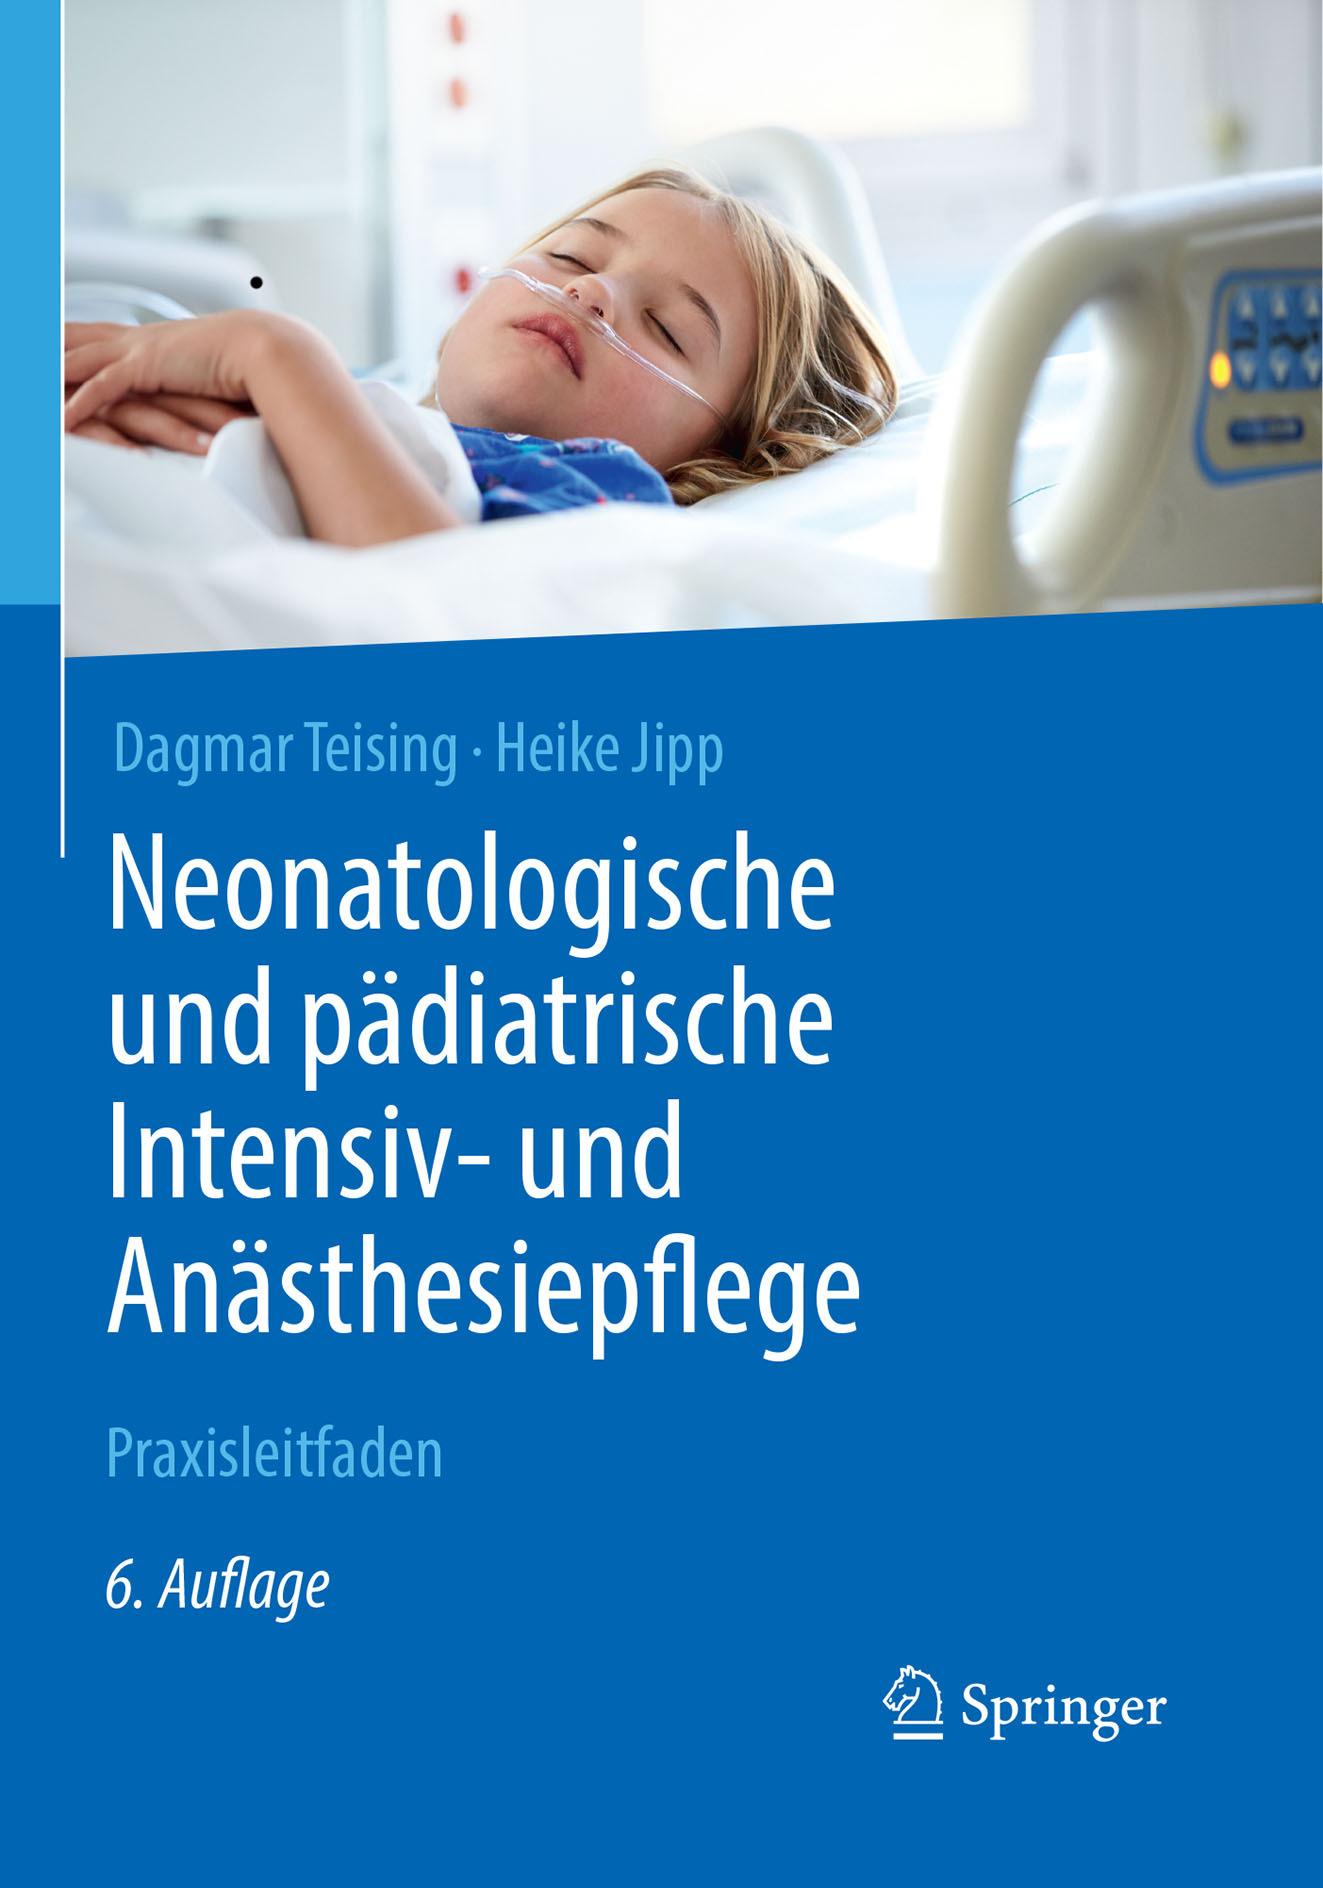 Jipp, Heike - Neonatologische und pädiatrische Intensiv- und Anästhesiepflege, ebook